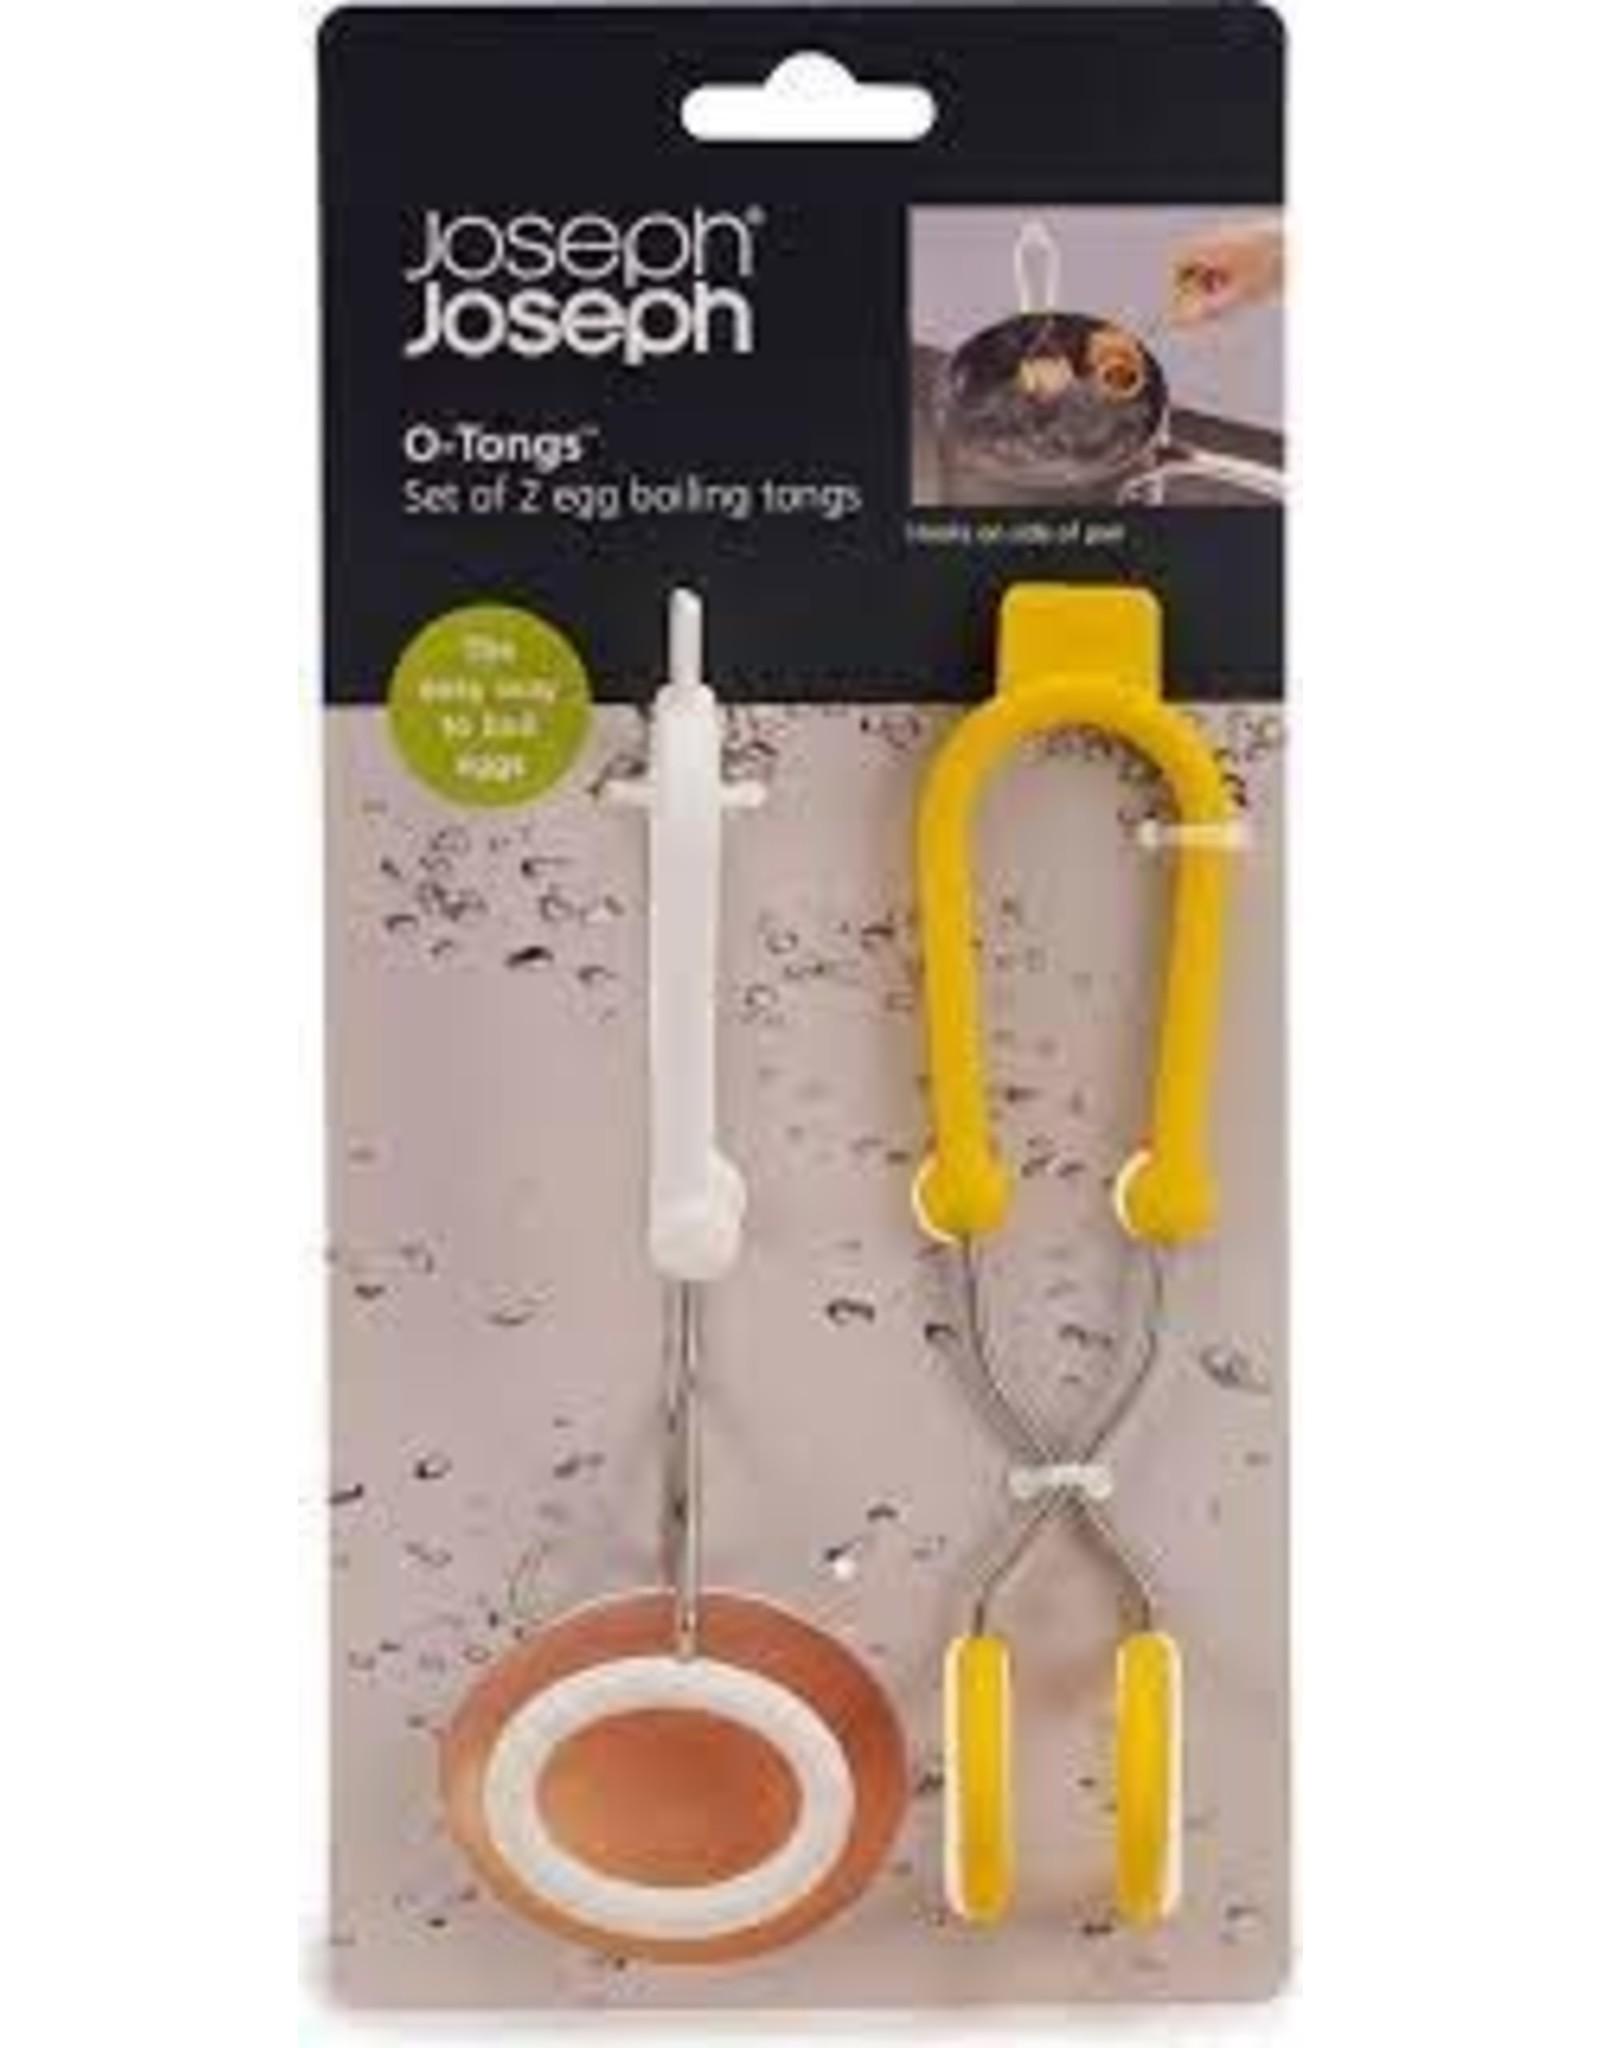 Joseph & Joseph JJ Egg O-Tongs